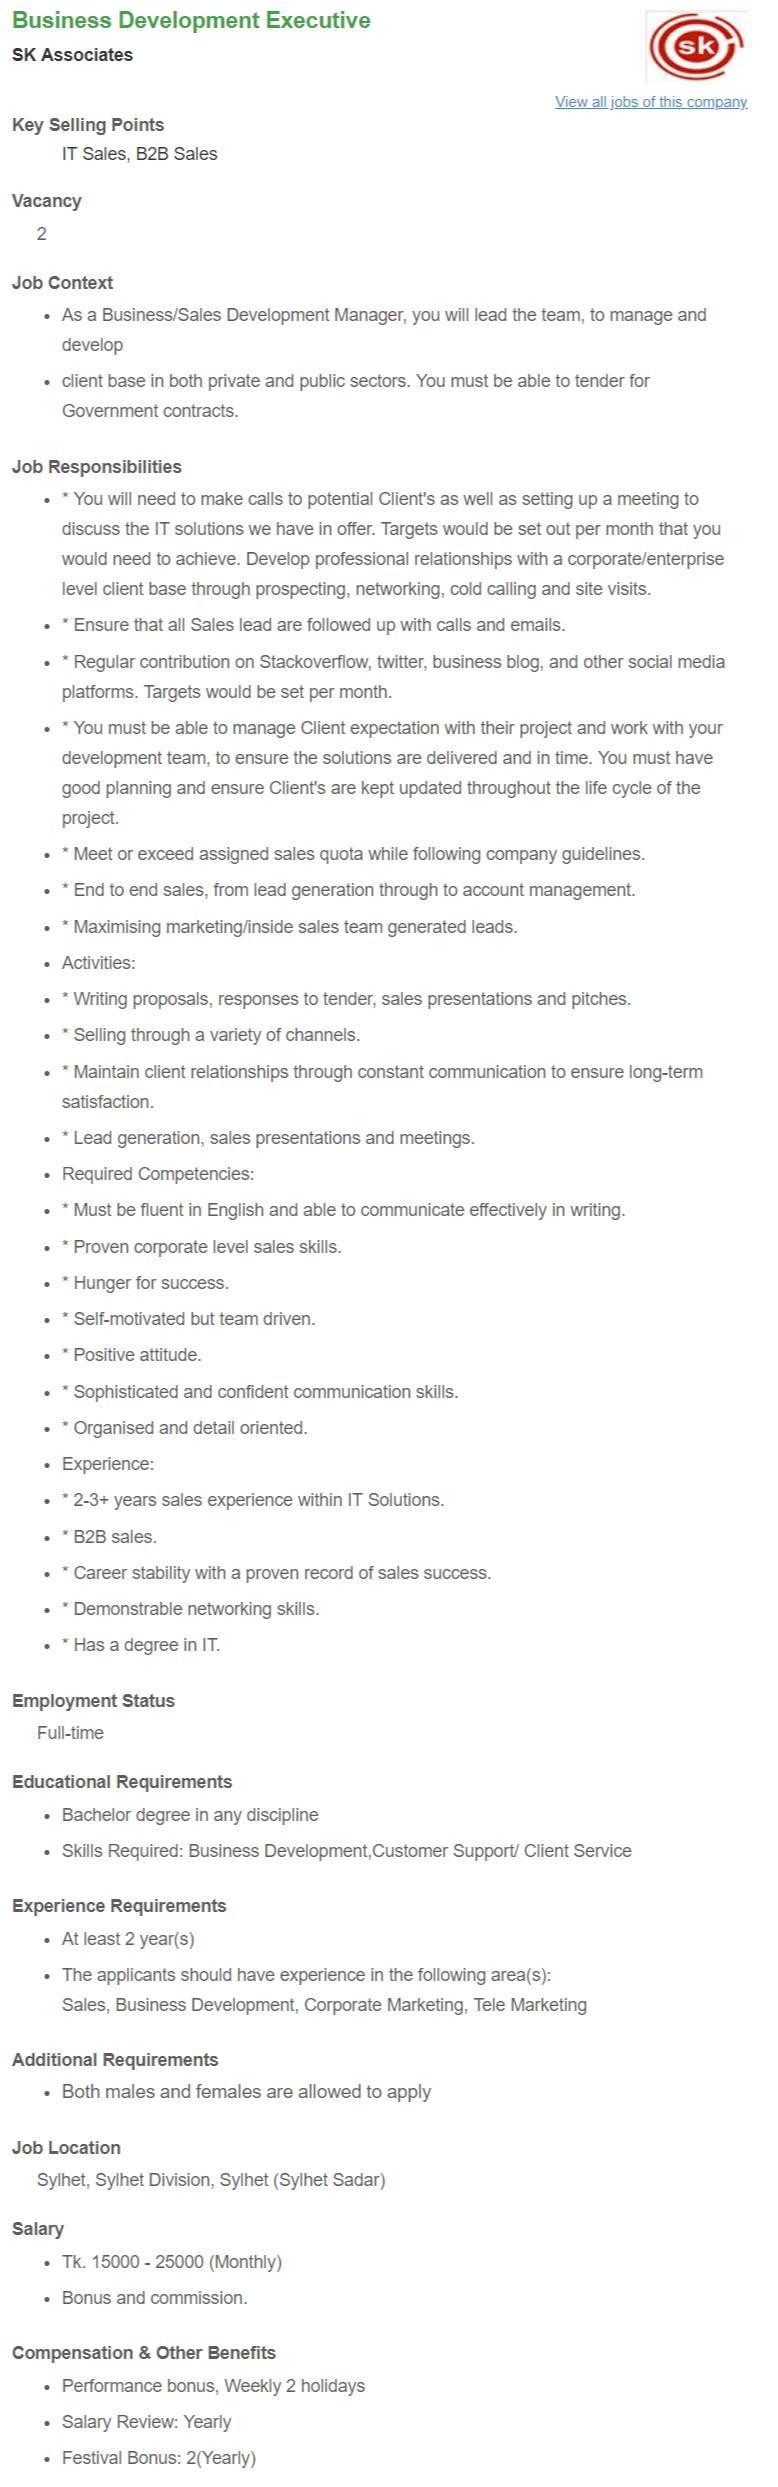 SK Associates Job Circular - Business Development Executive